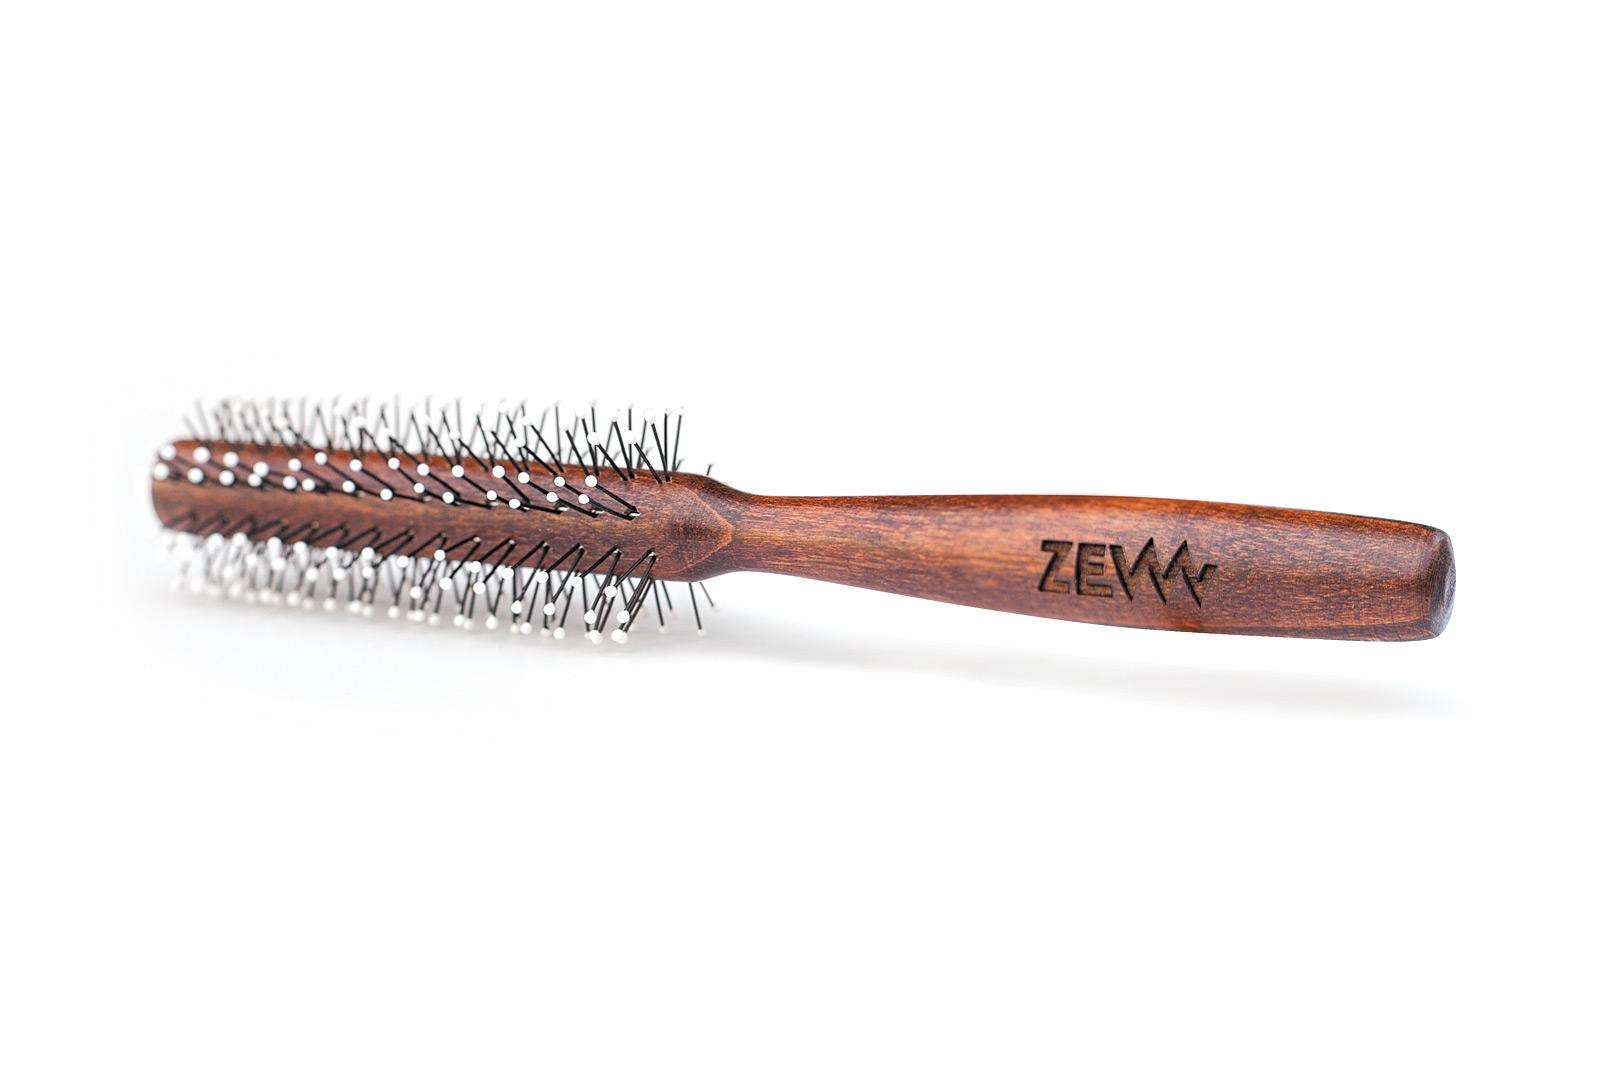 [Zestaw] Reuzel Grooming Tonic do układania i zwiększania objętości włosów 100ml + Reuzel Pink Woskowa pomada średni połysk/mocne utrwalanie 35g + ZEW Roller do włosów